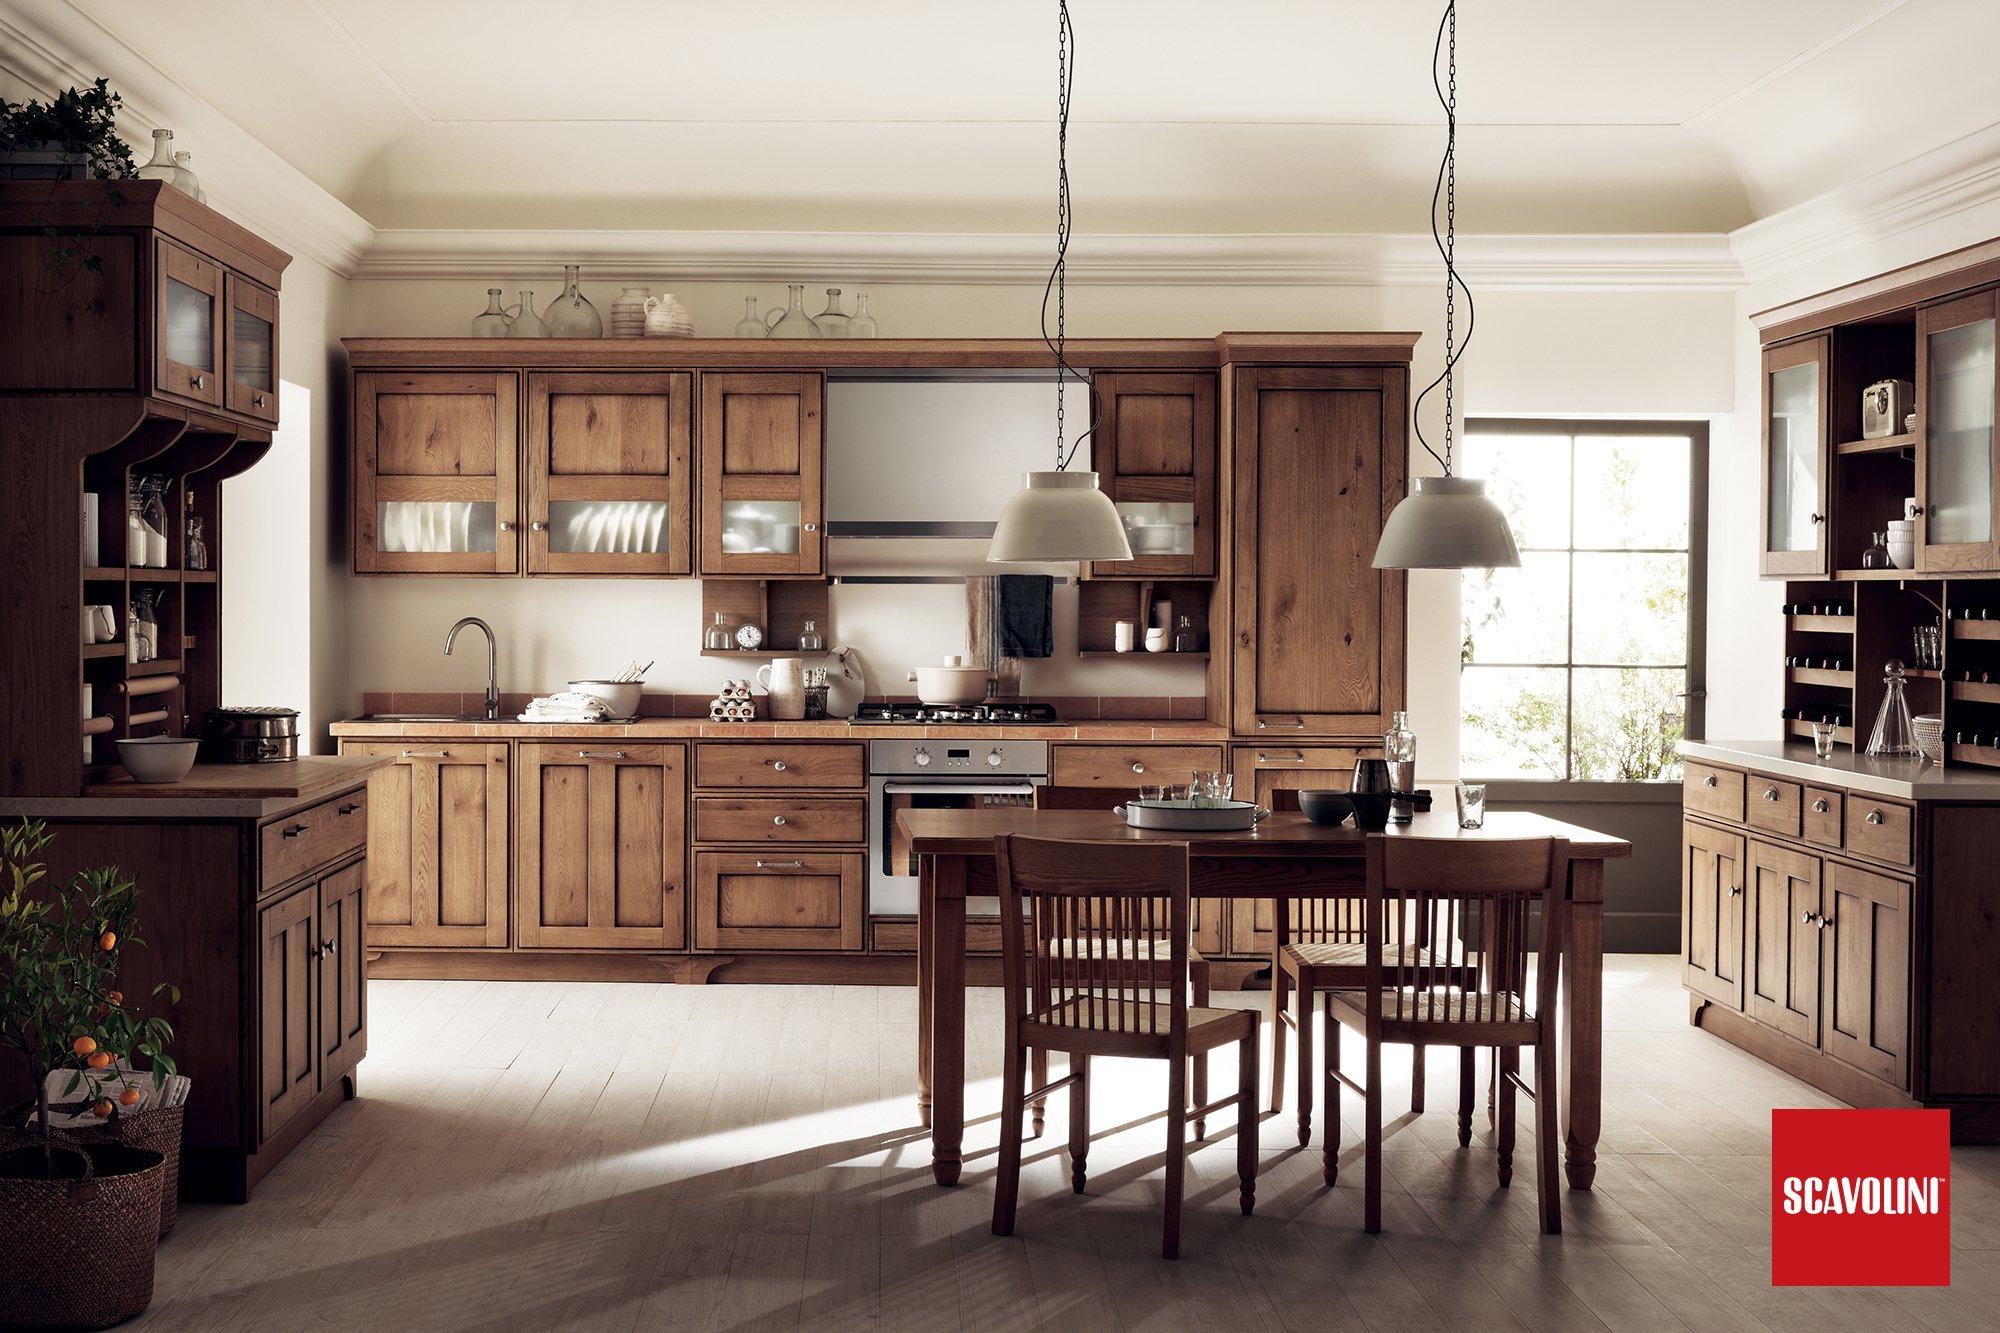 Cucina Scavolini mod. Favilla